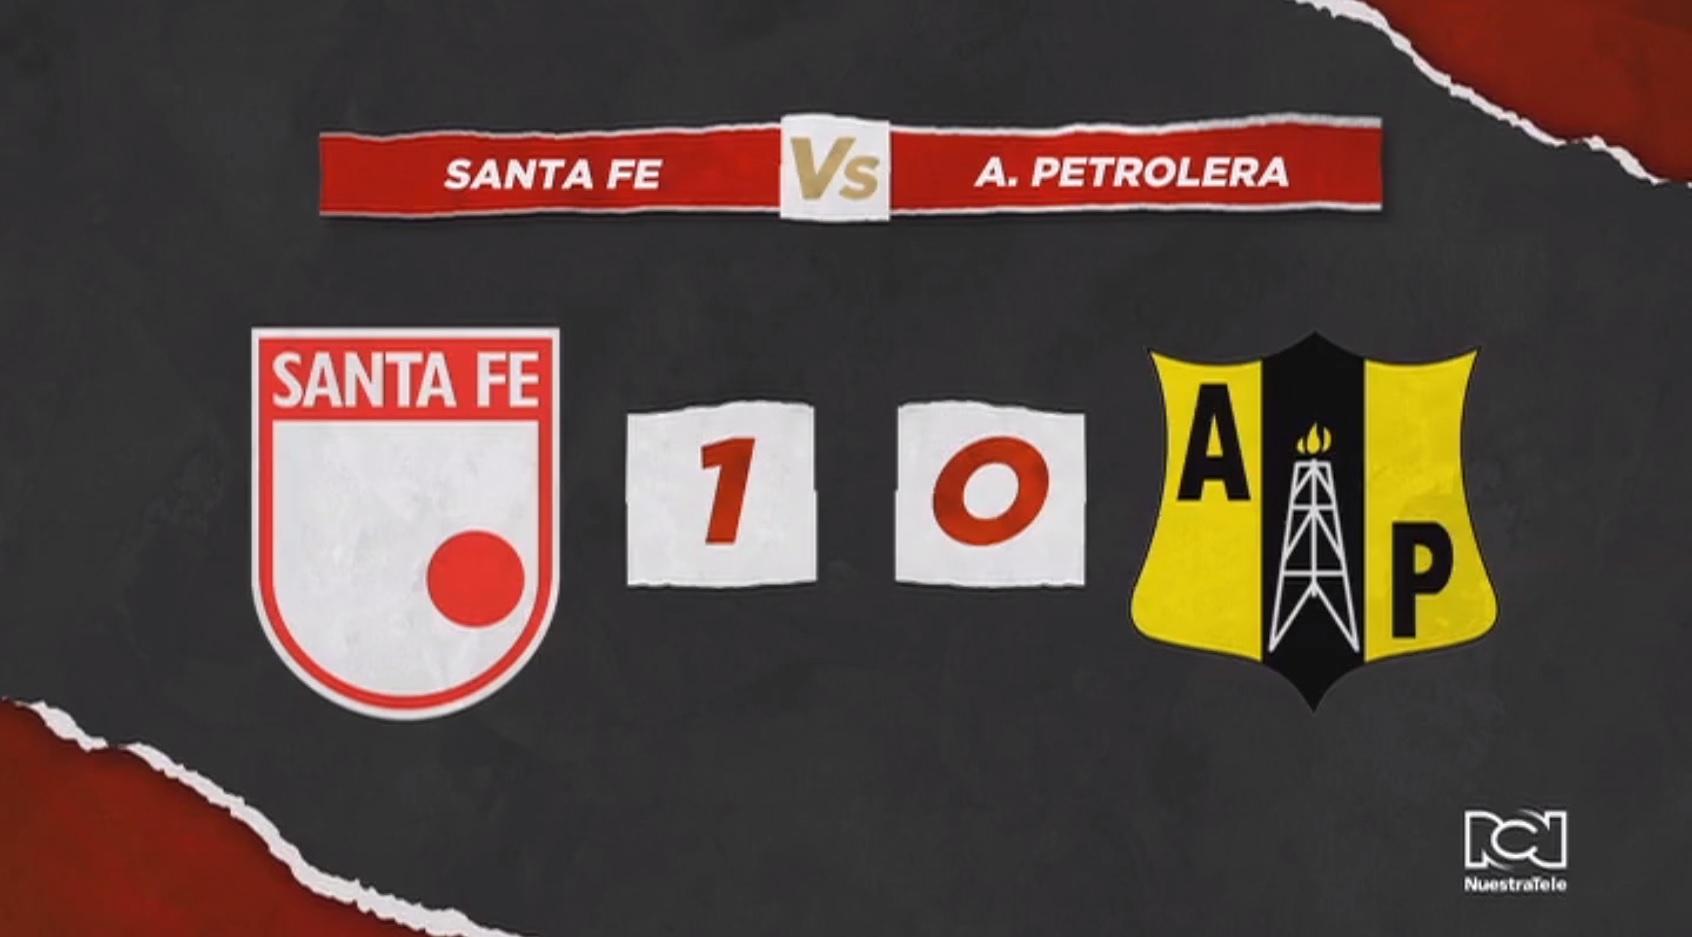 Goles Santa Fe Vs Alianza Petrolera